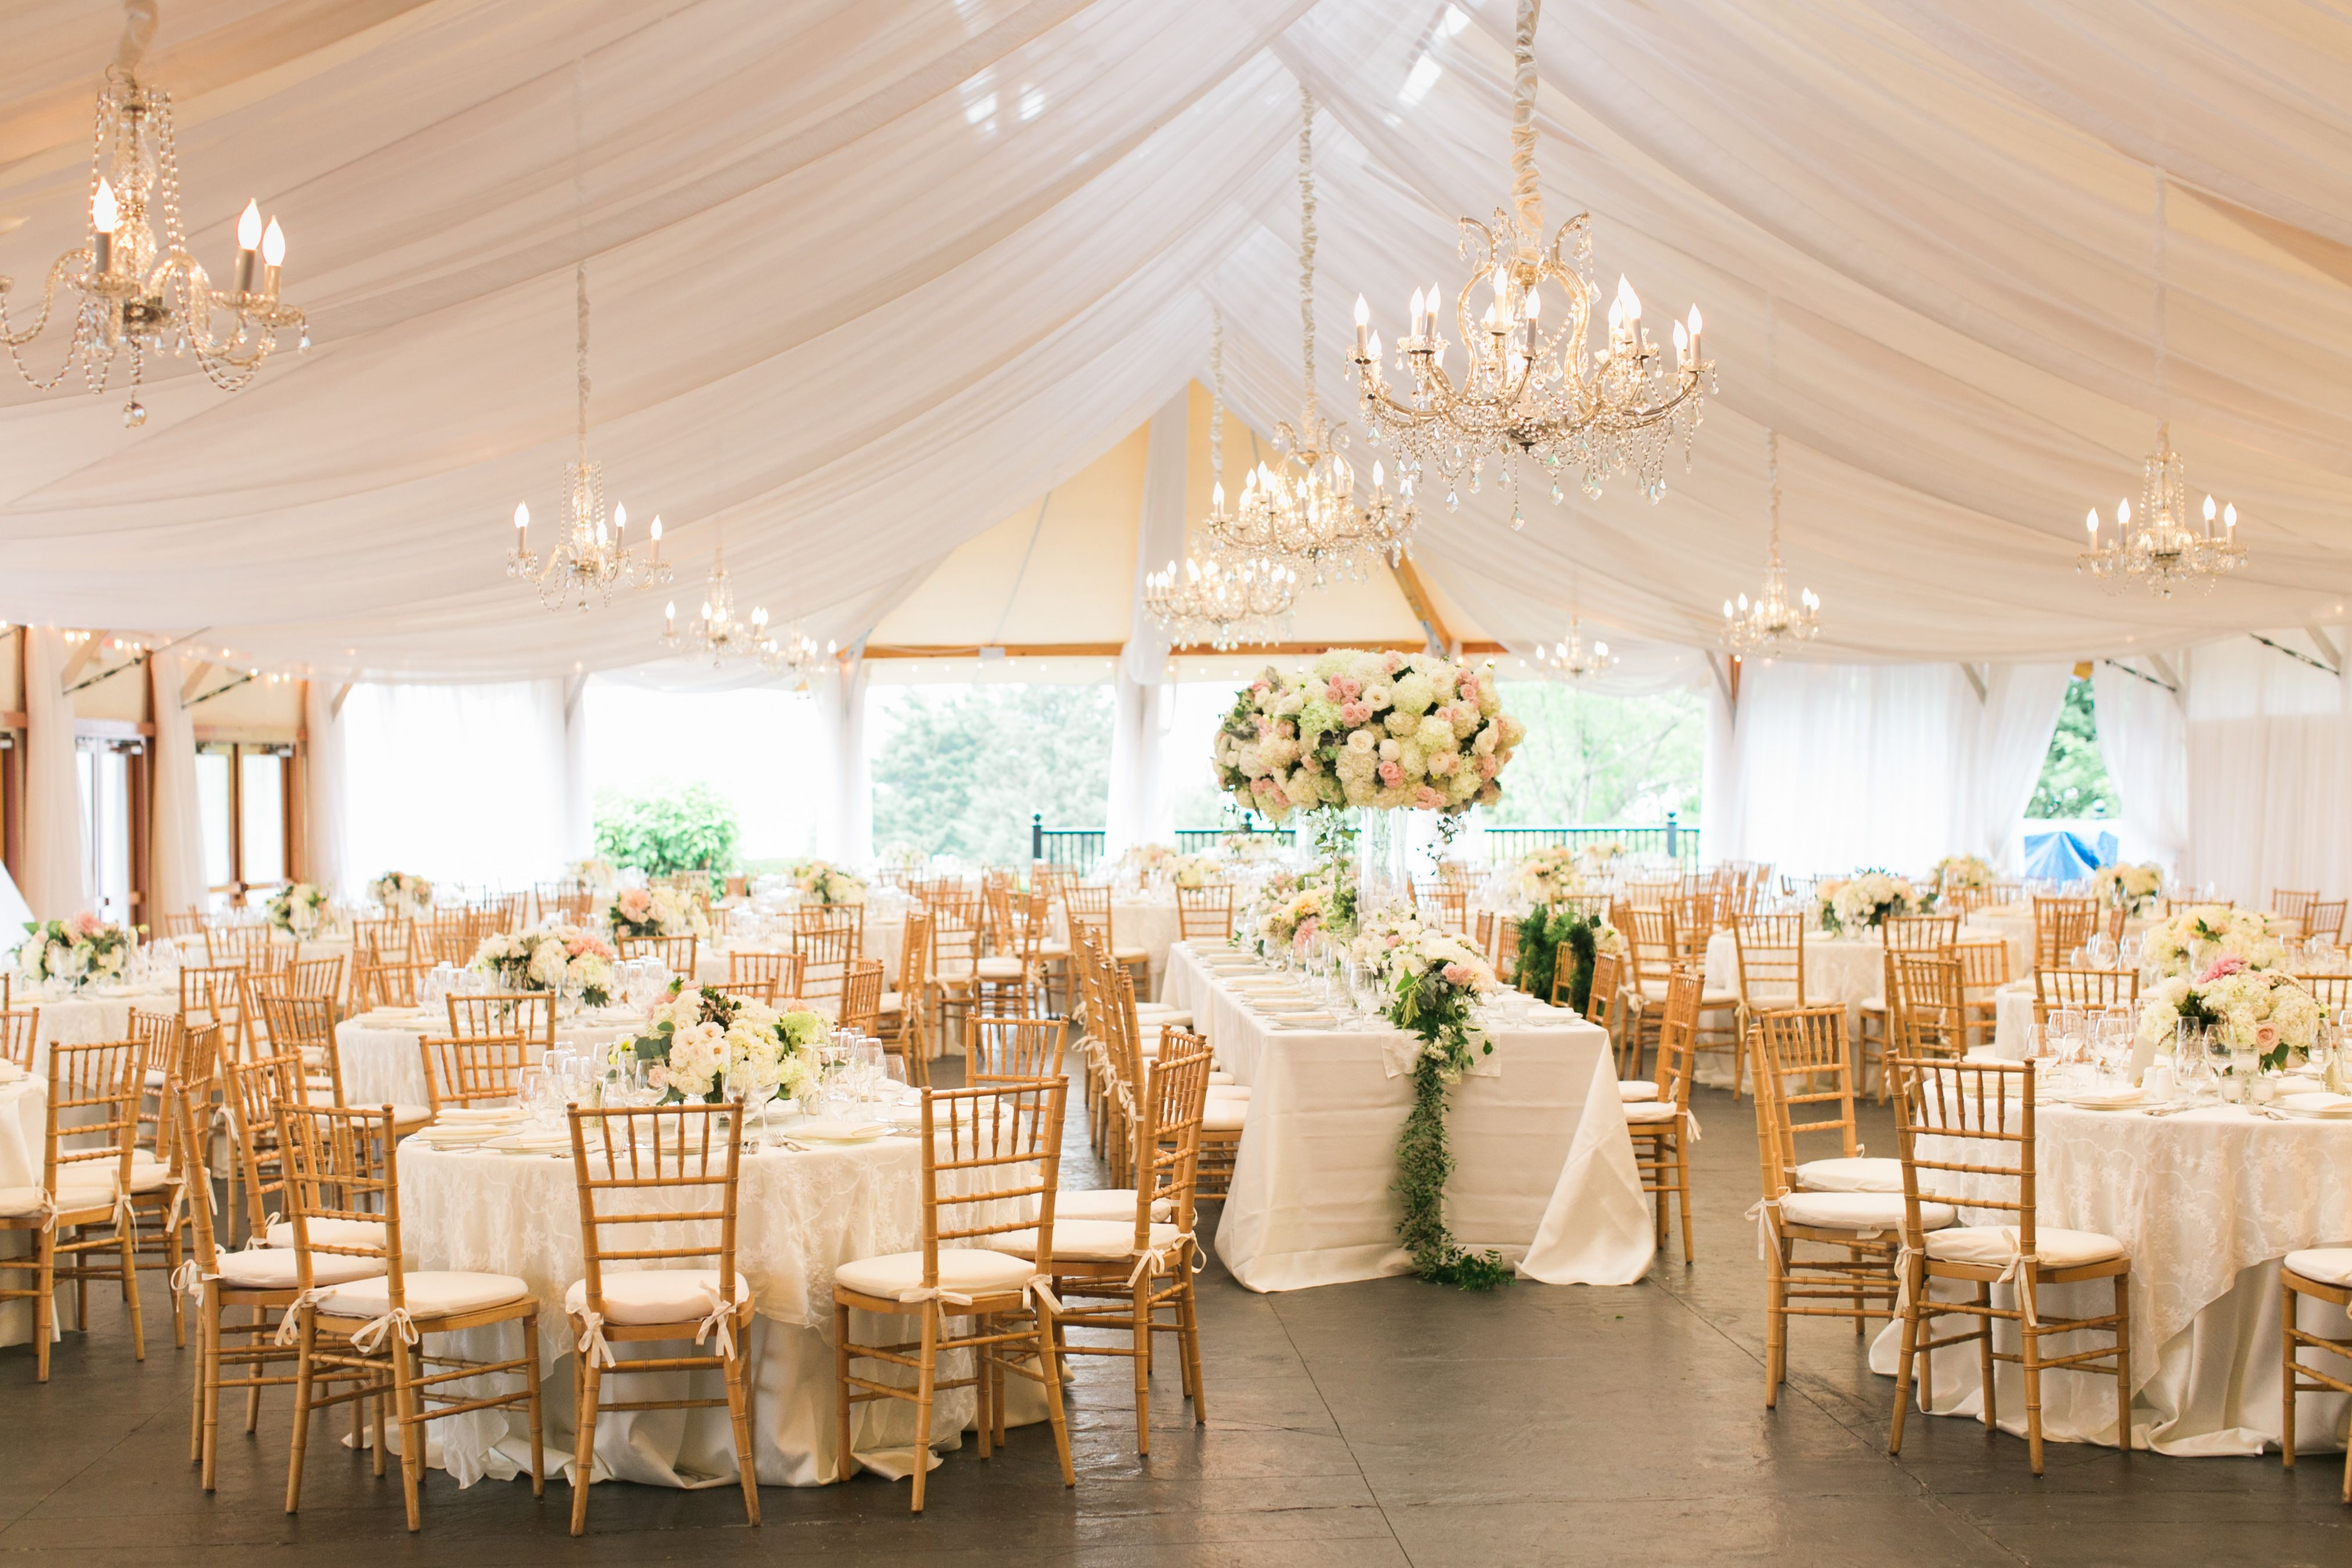 Castle Hill Inn Sailcloth Tent Reception Wedding tent